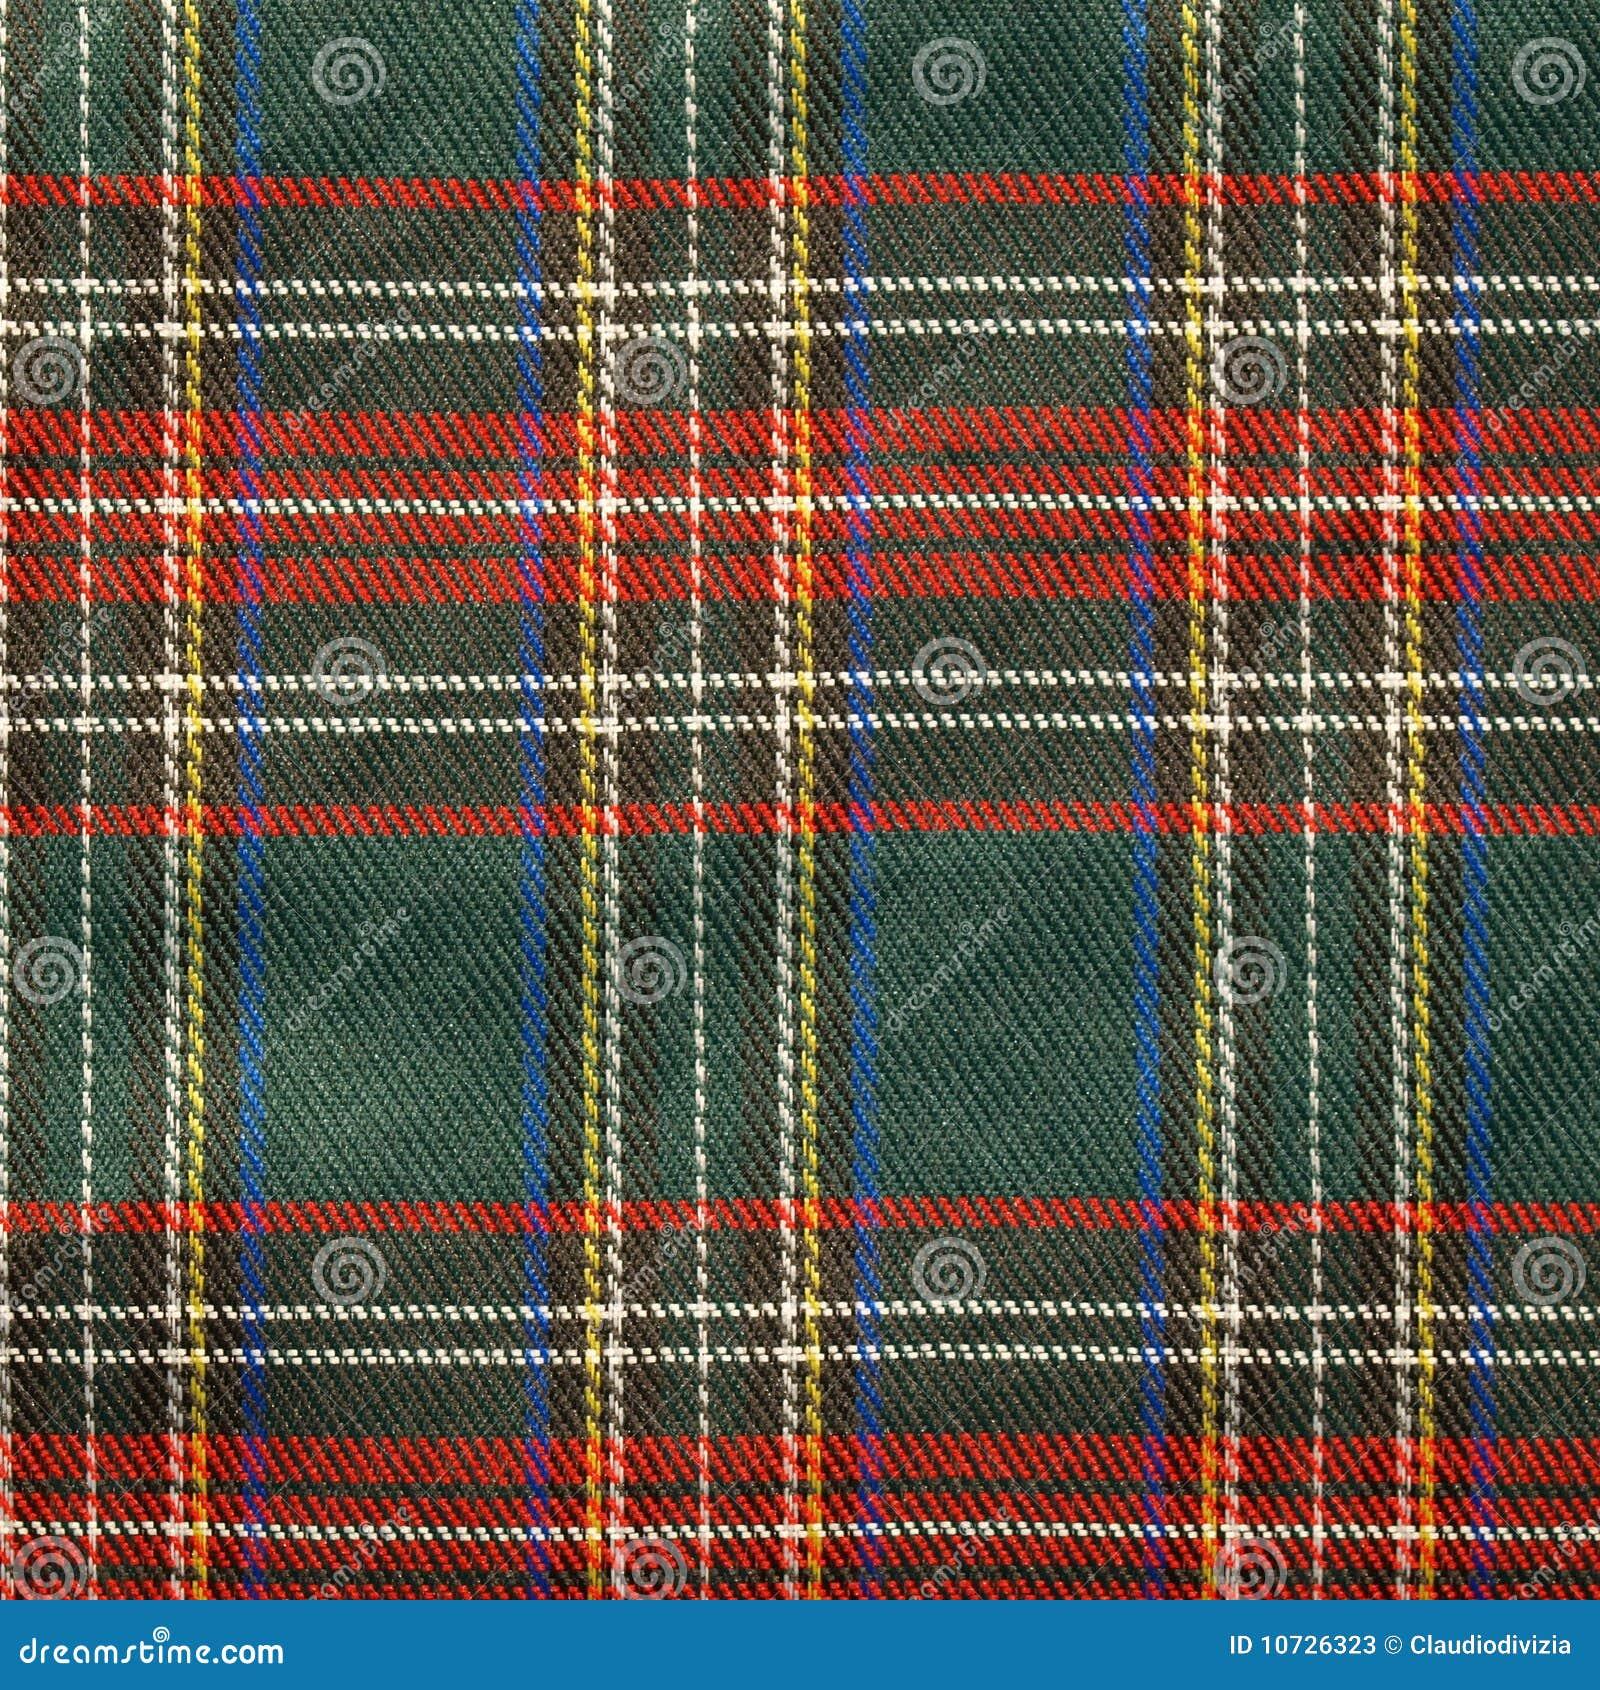 Schotse Geruite Wollen Stof.De Achtergrond Van Het Geruite Schotse Wollen Stof Stock